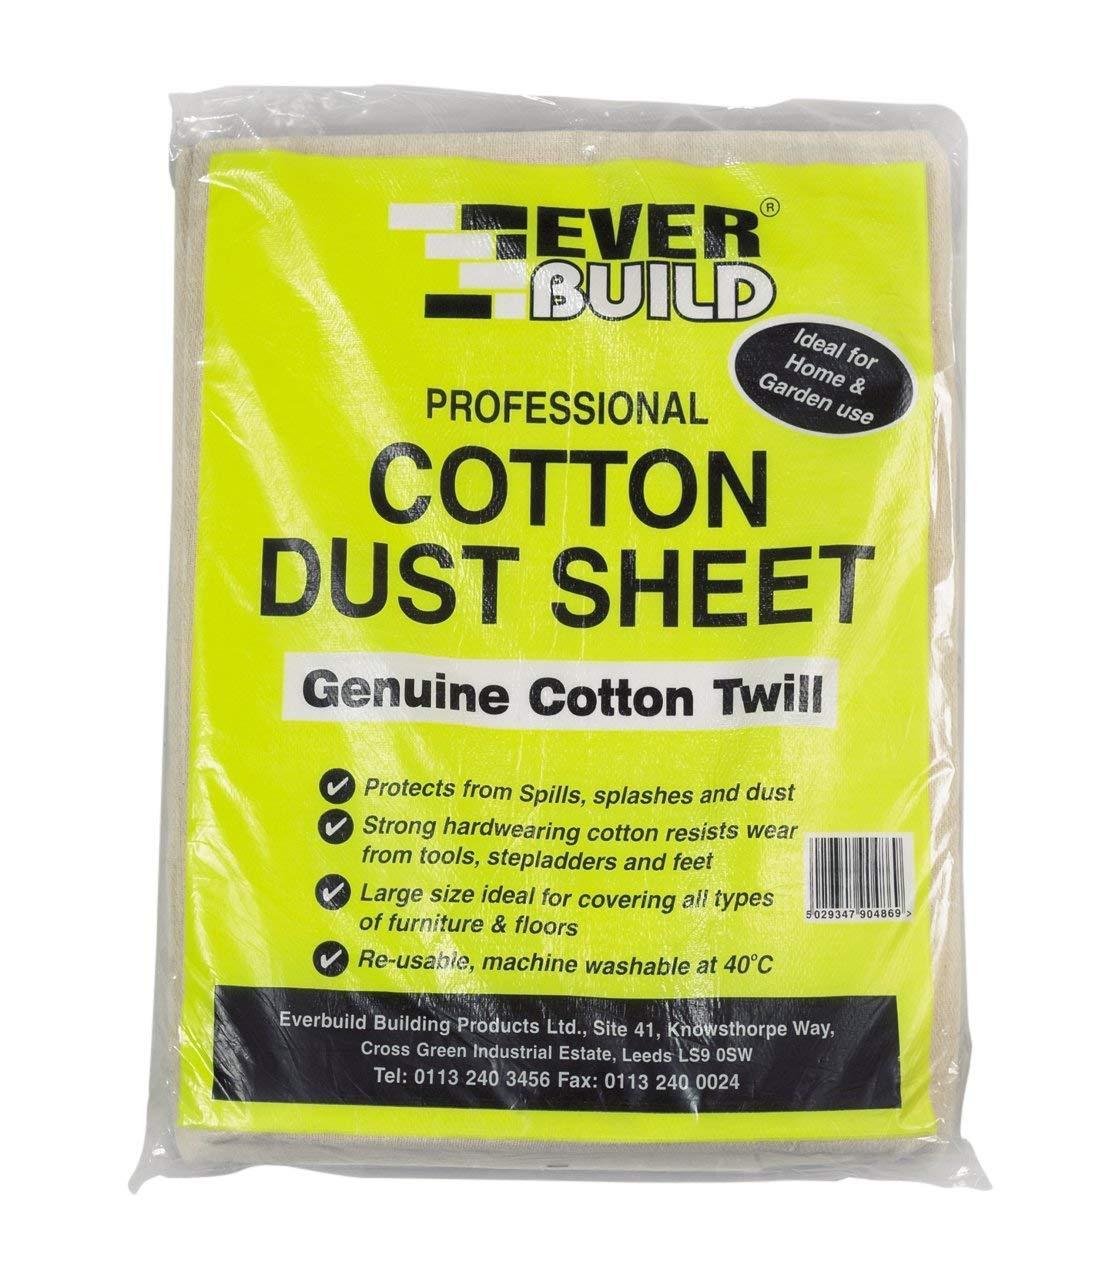 Everbuild Cotton Dust Sheet 12FT X 9FT EVBDUST